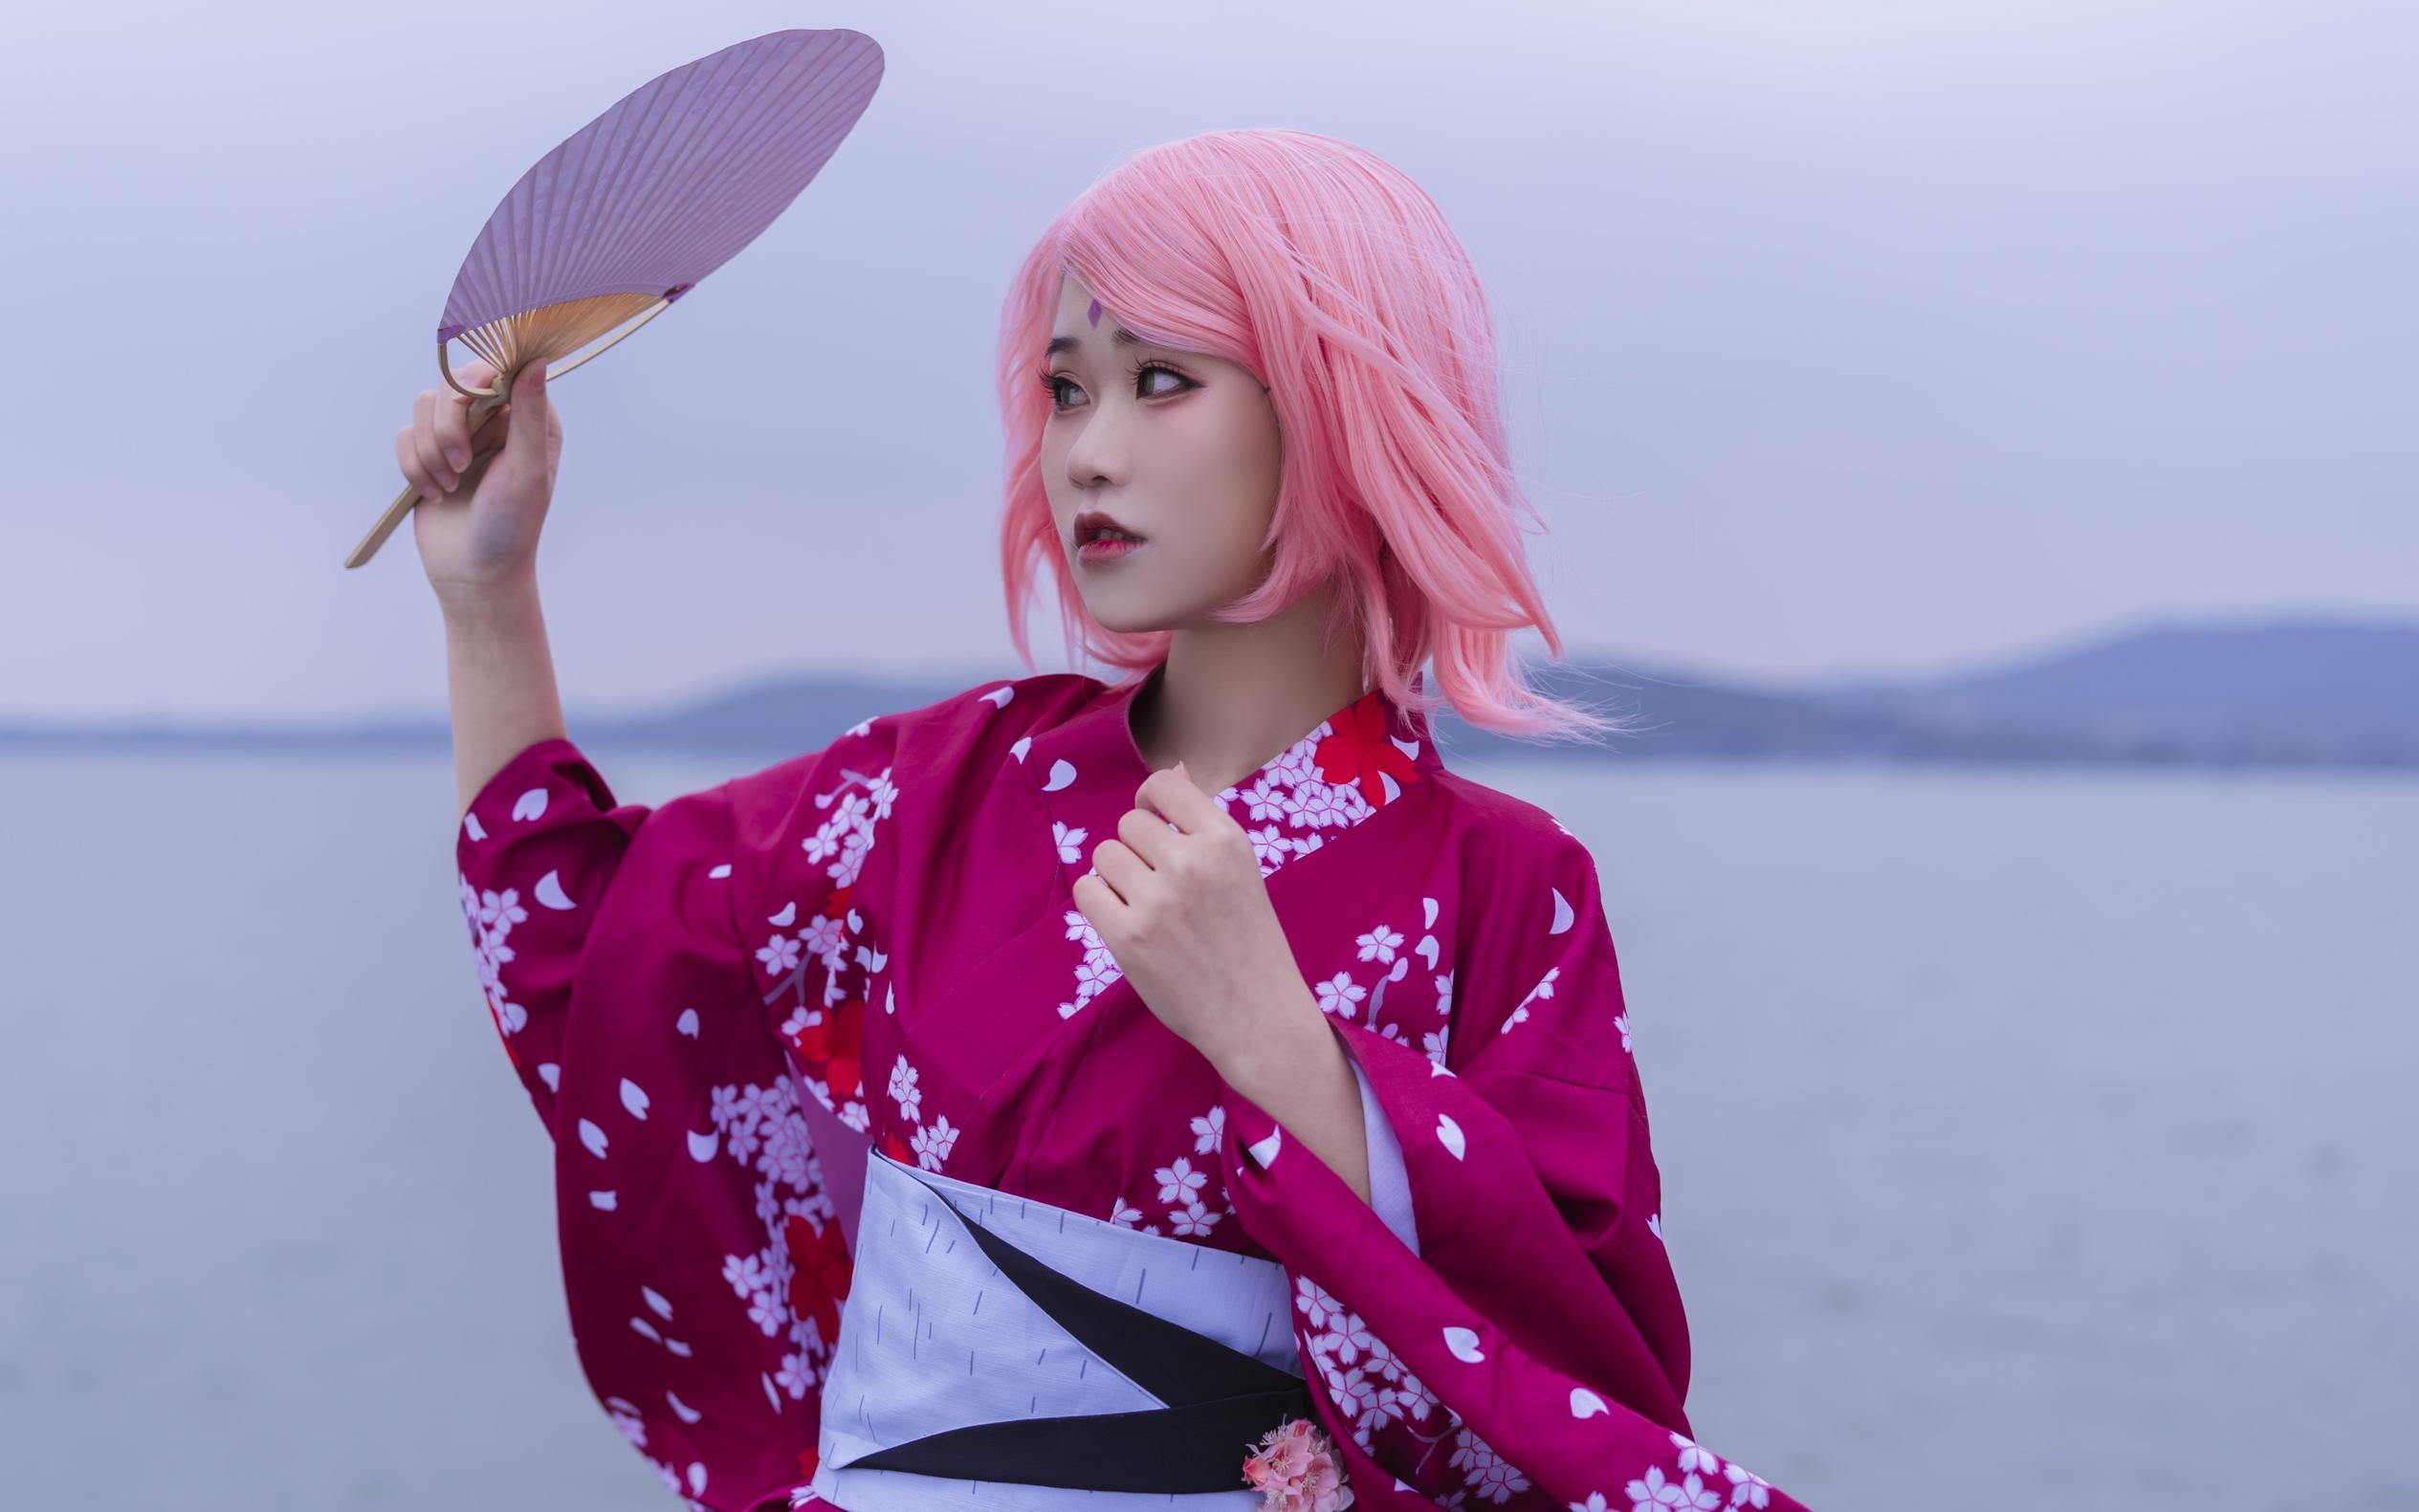 《火影忍者》火影忍者春野樱cosplay【CN:Naraku阿峰】-第10张